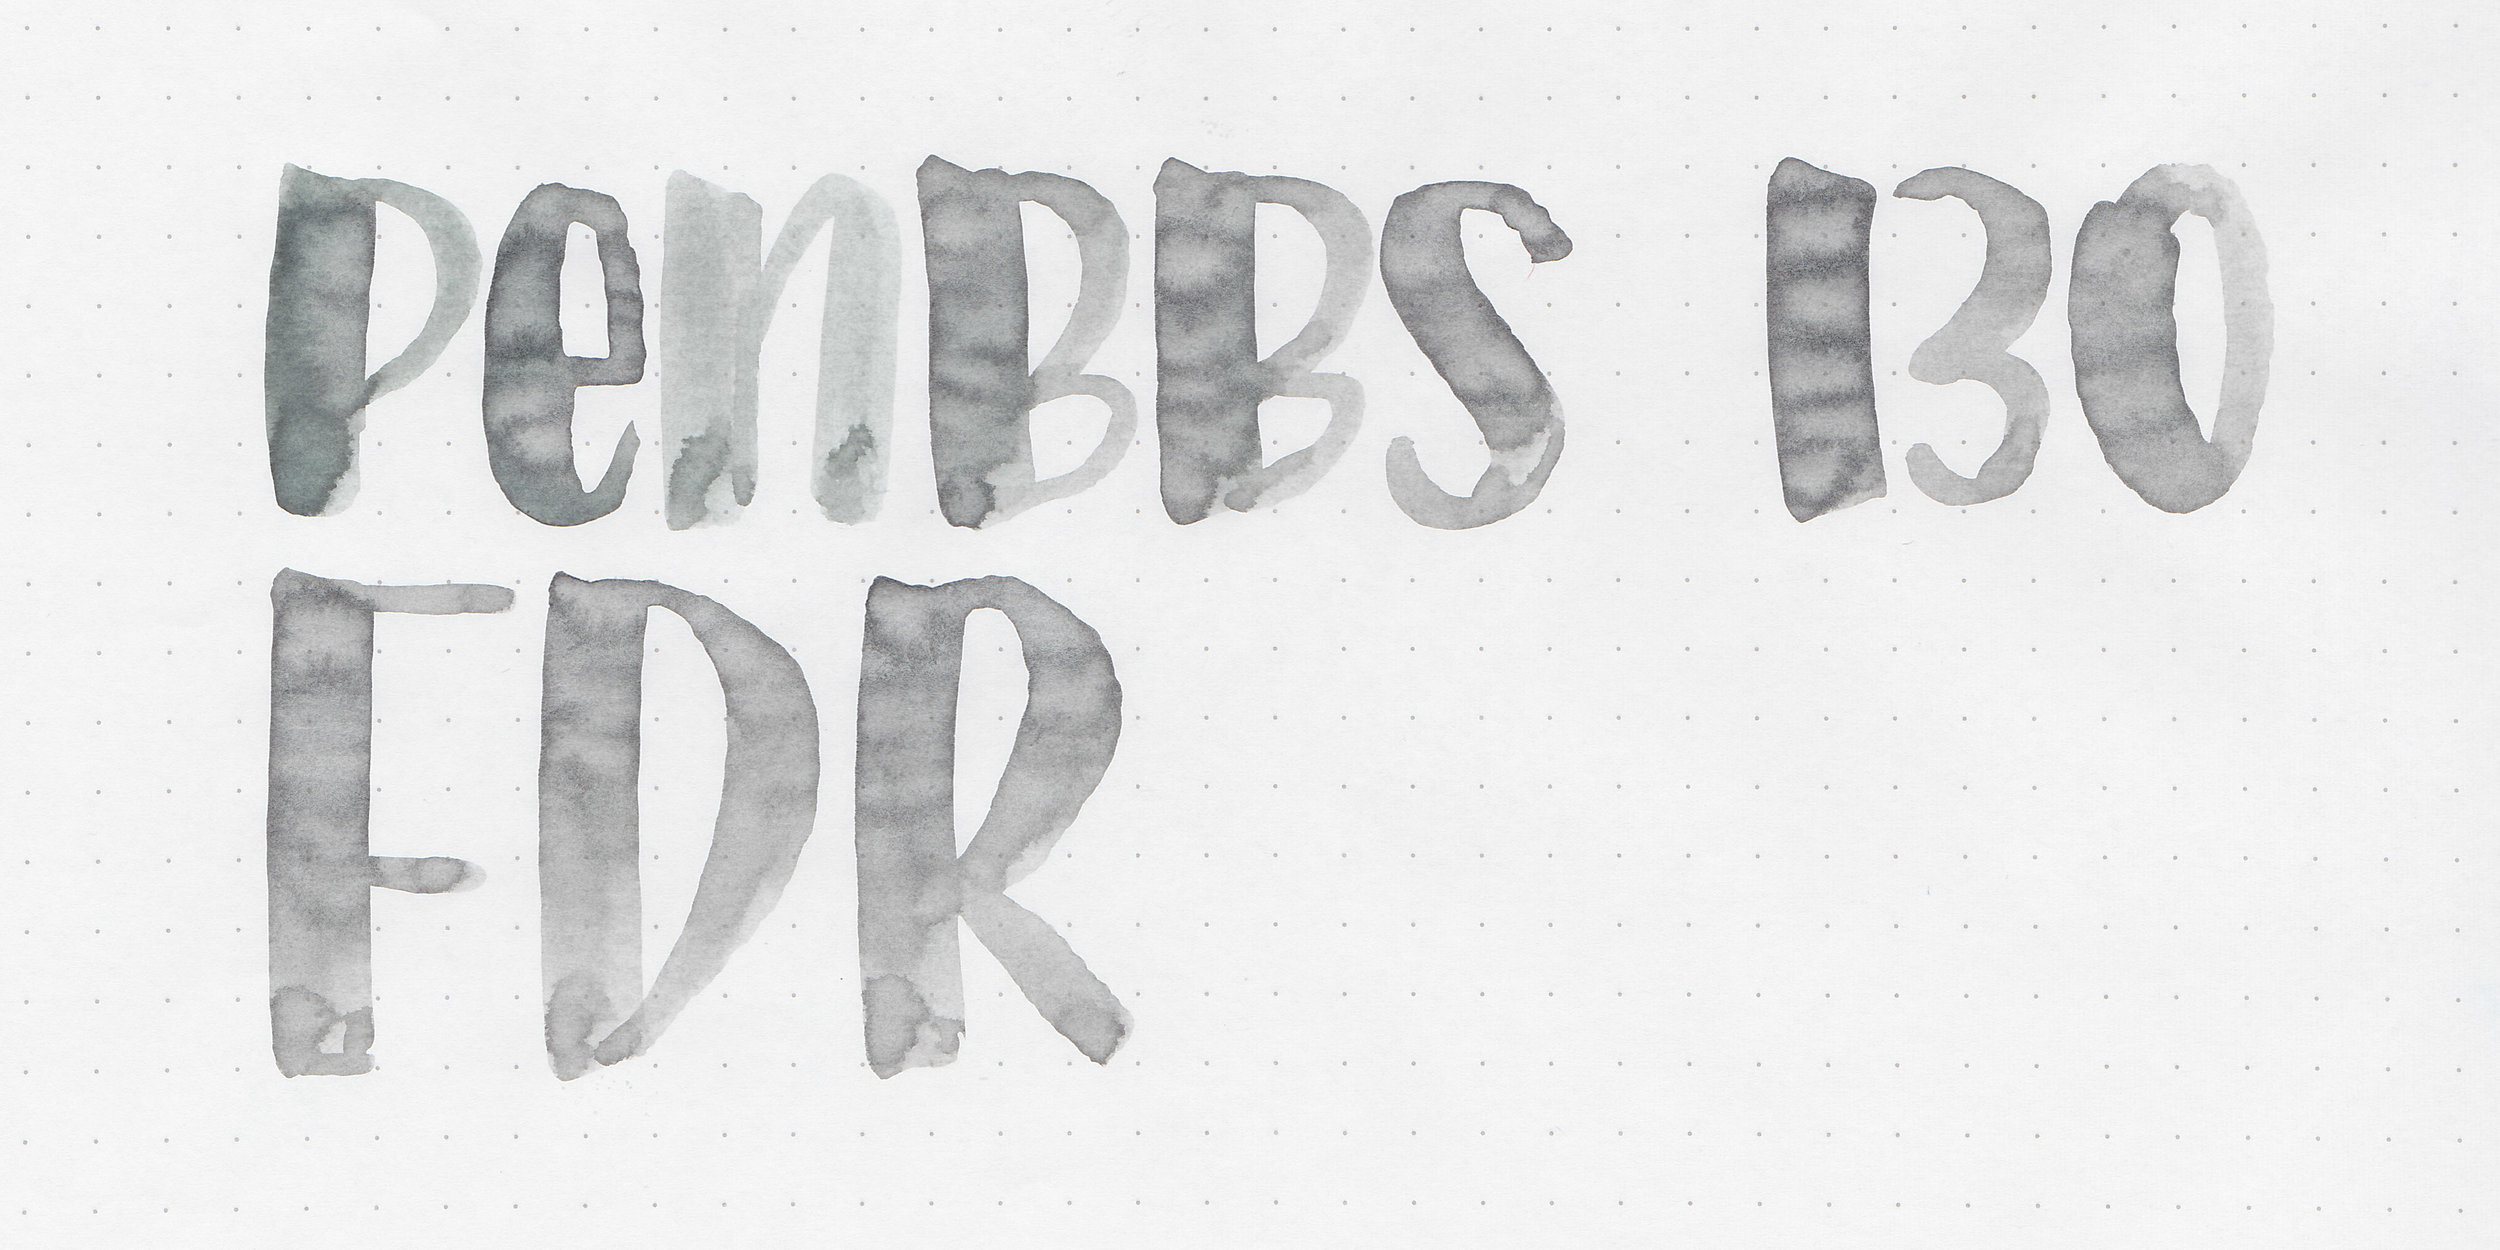 penbbs-fdr-2.jpg